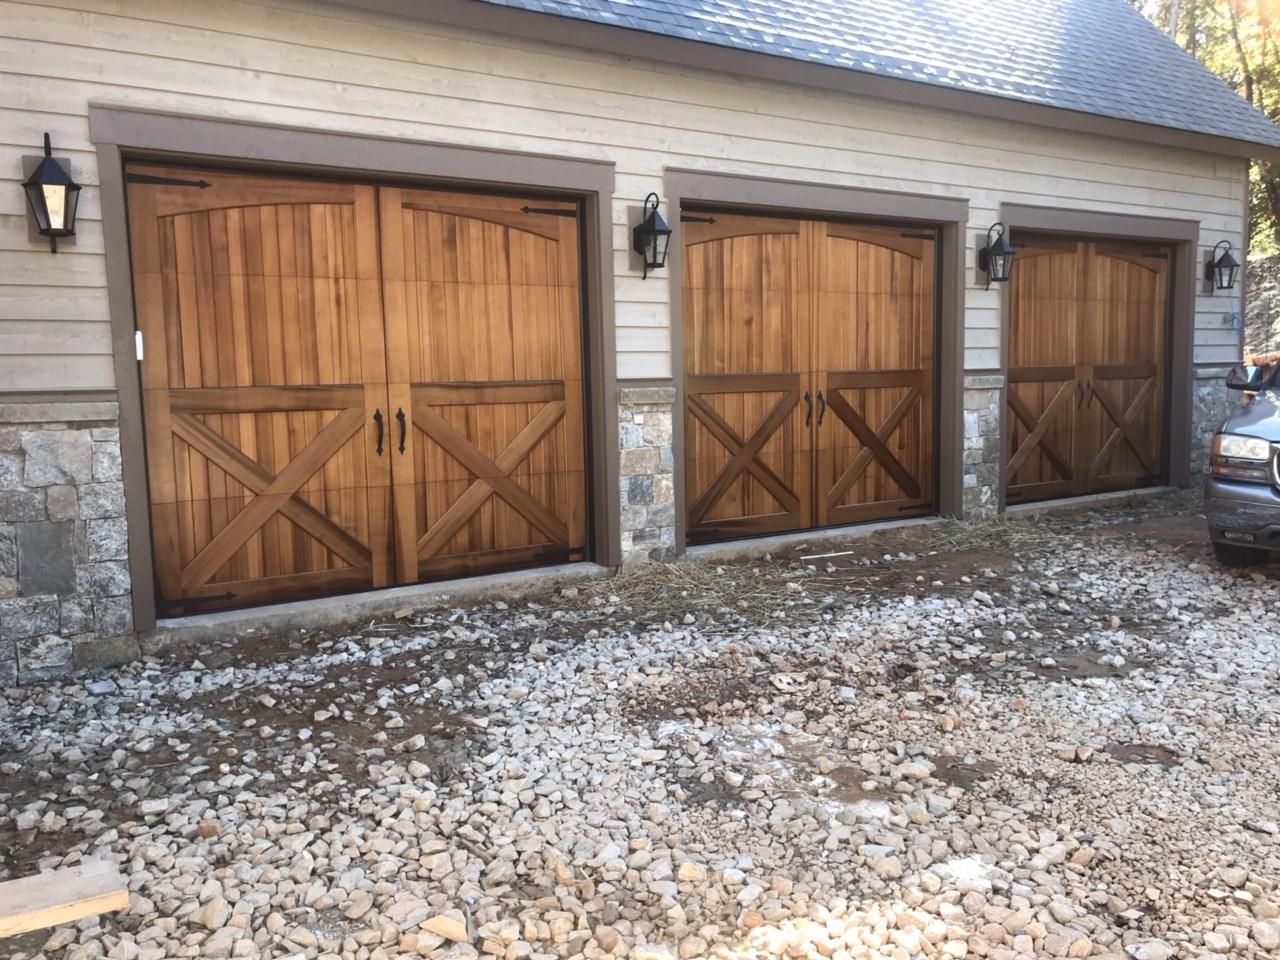 3-garage doors